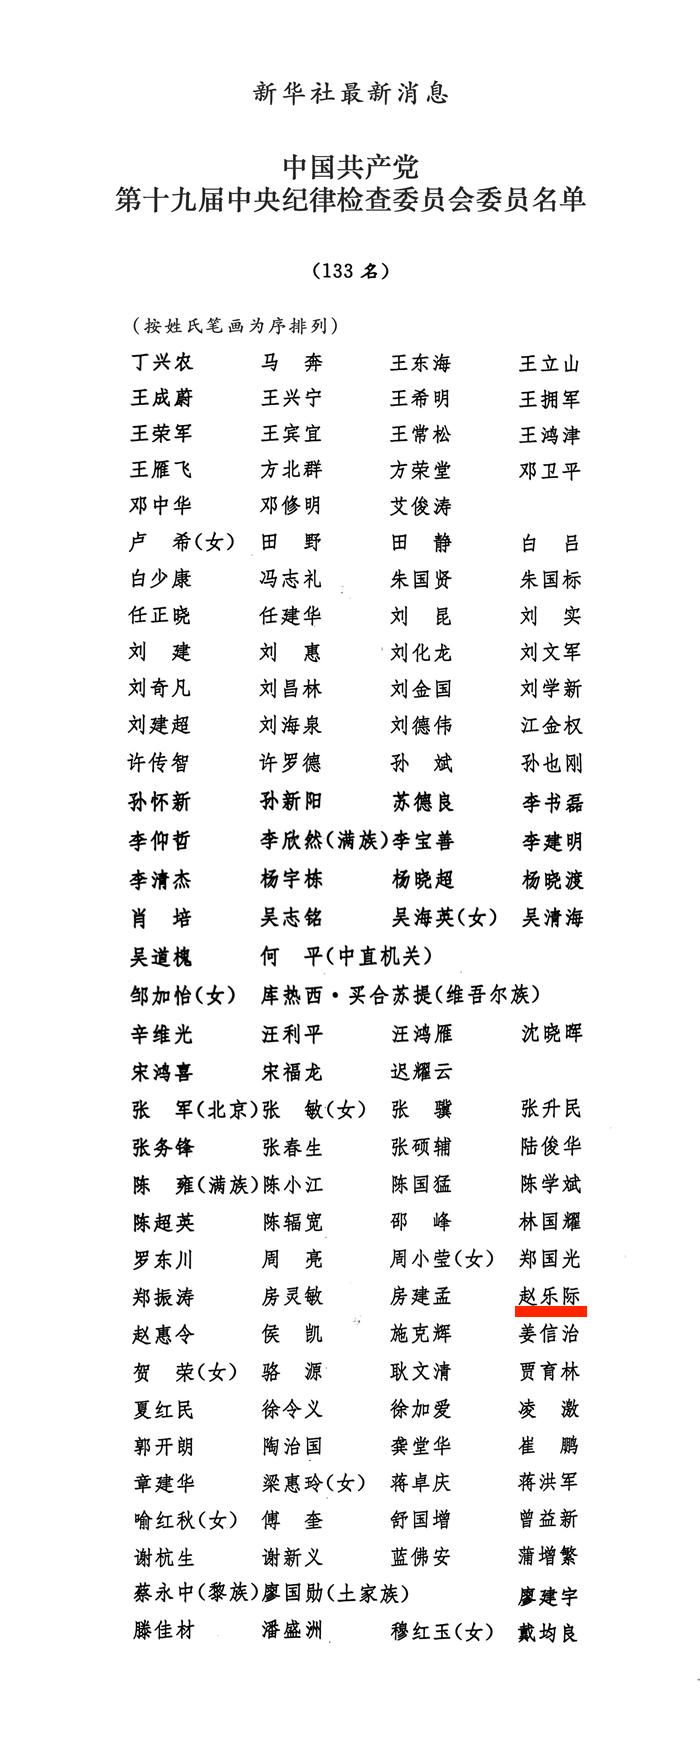 第十九屆中共中紀委名單。